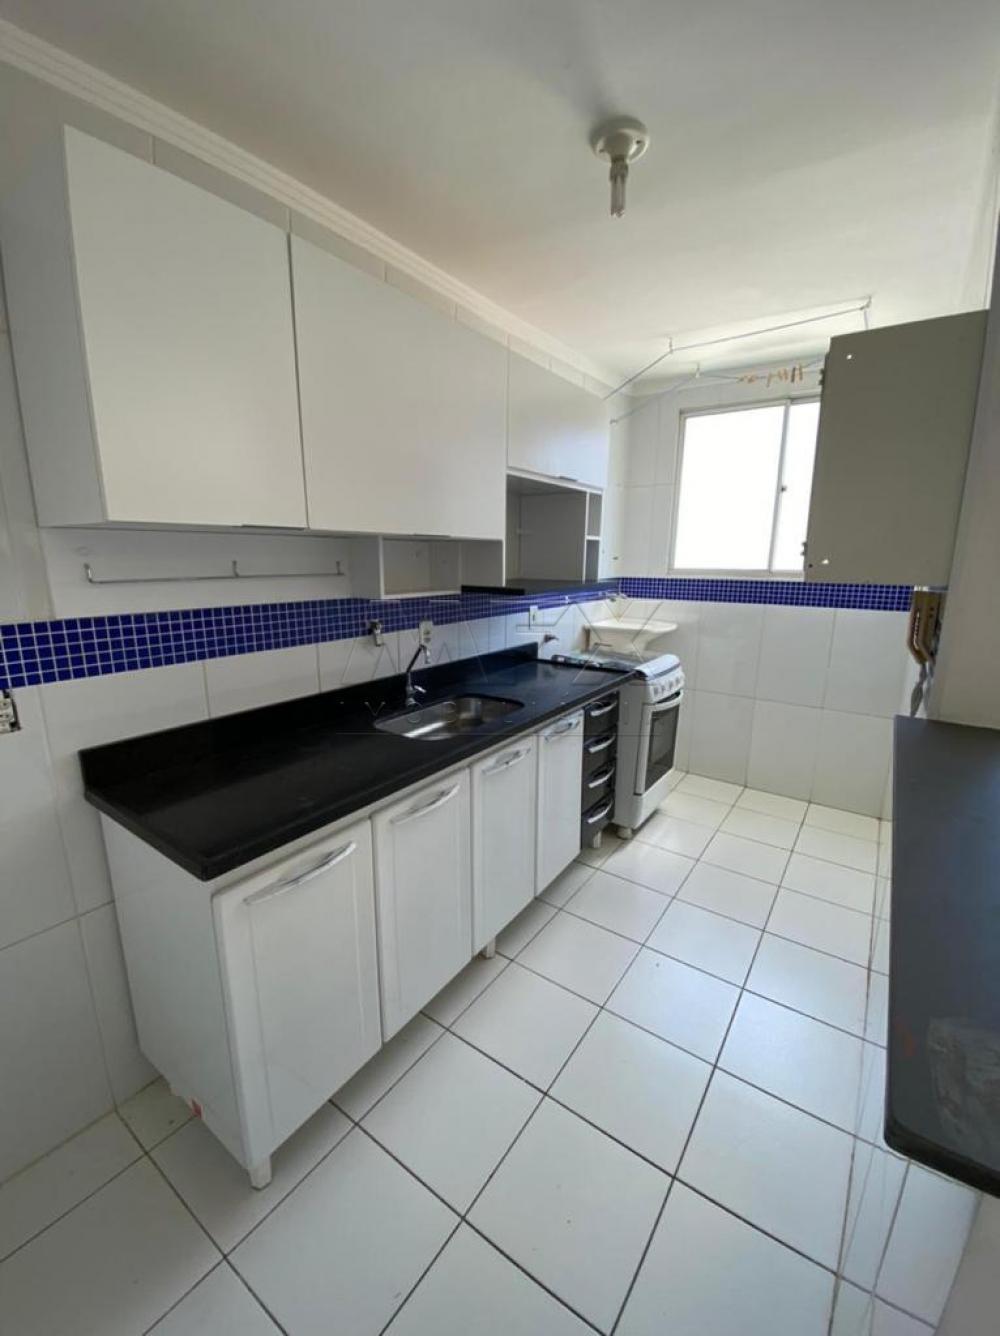 Alugar Apartamento / Padrão em Bauru R$ 780,00 - Foto 6